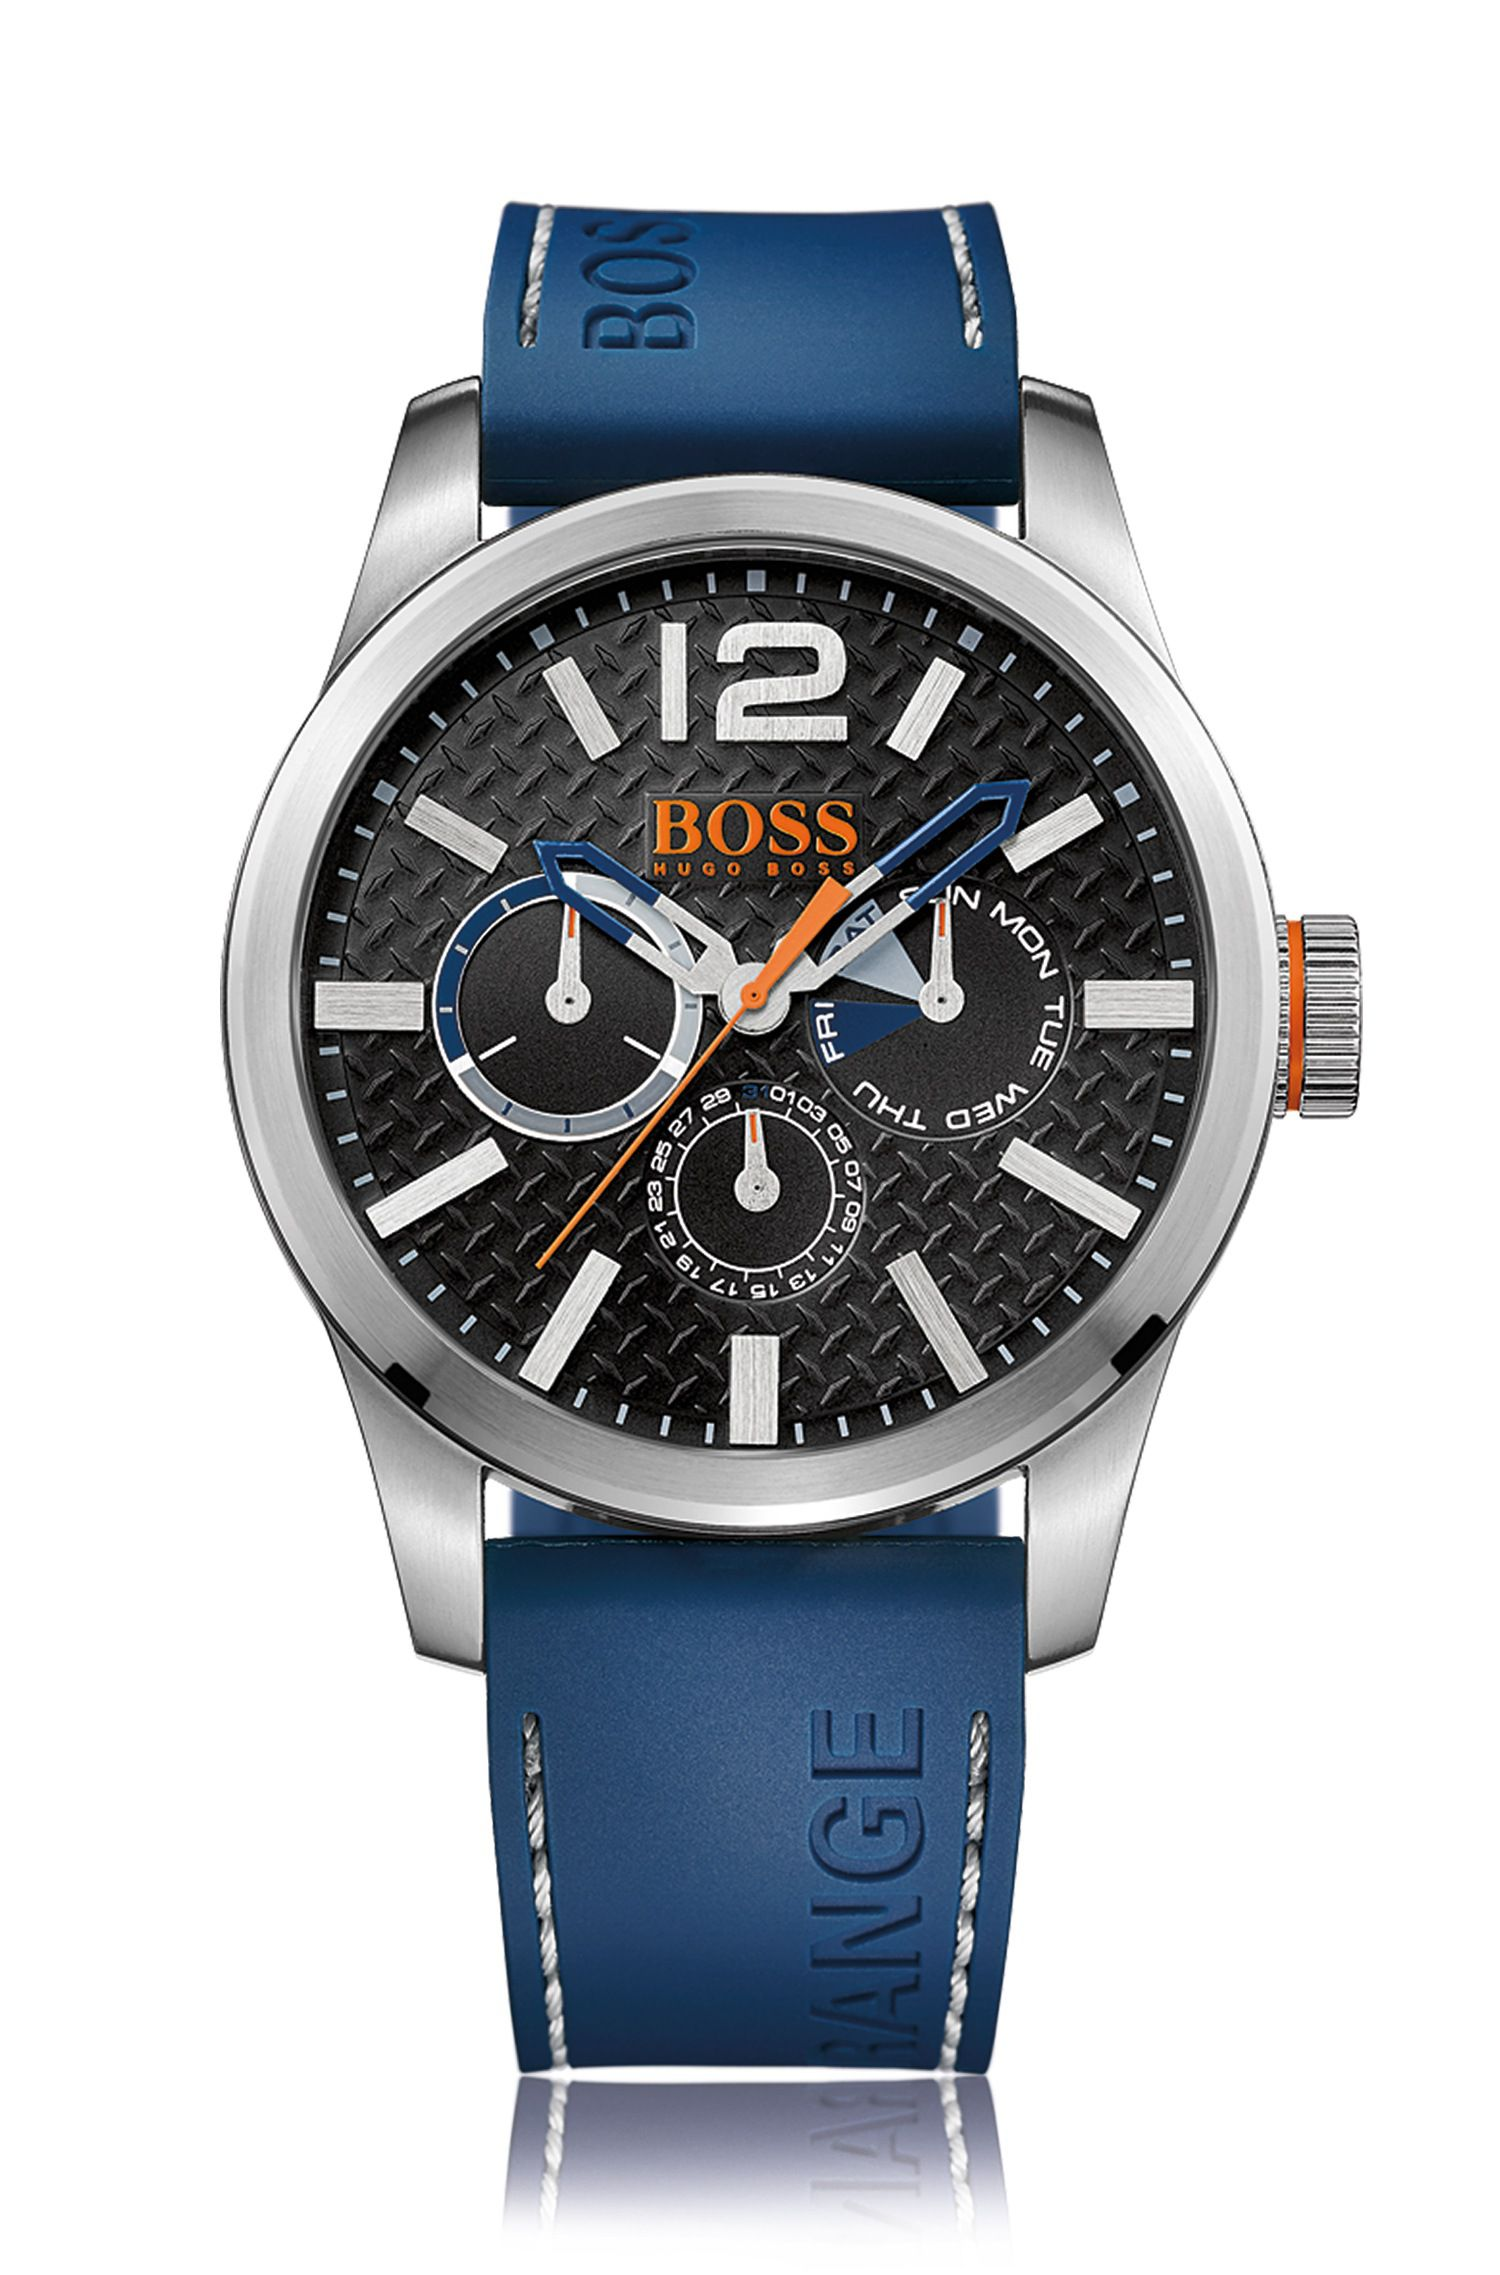 Multi-eye-horloge van geborsteld roestvrij staal met gestructureerde wijzerplaat en blauwe polsband van siliconen